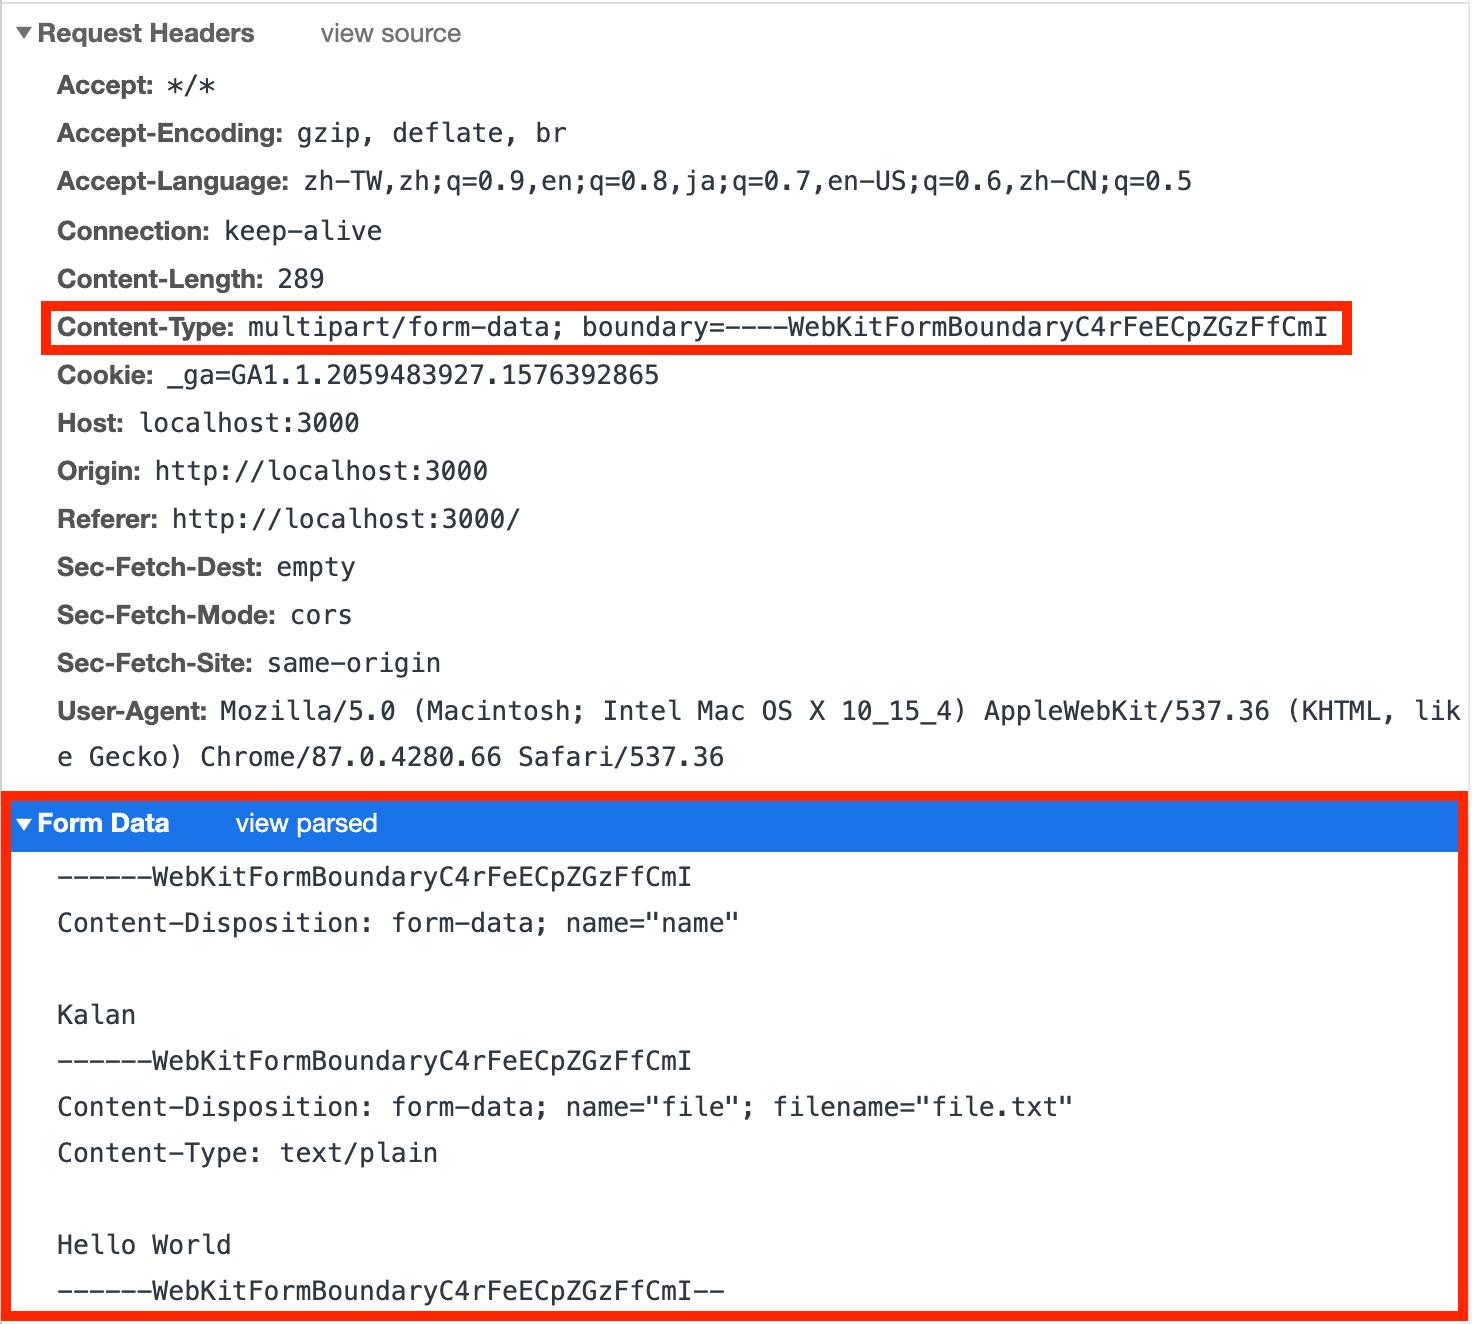 用 fetch 與 FormData 傳送 multipart form-data 請求